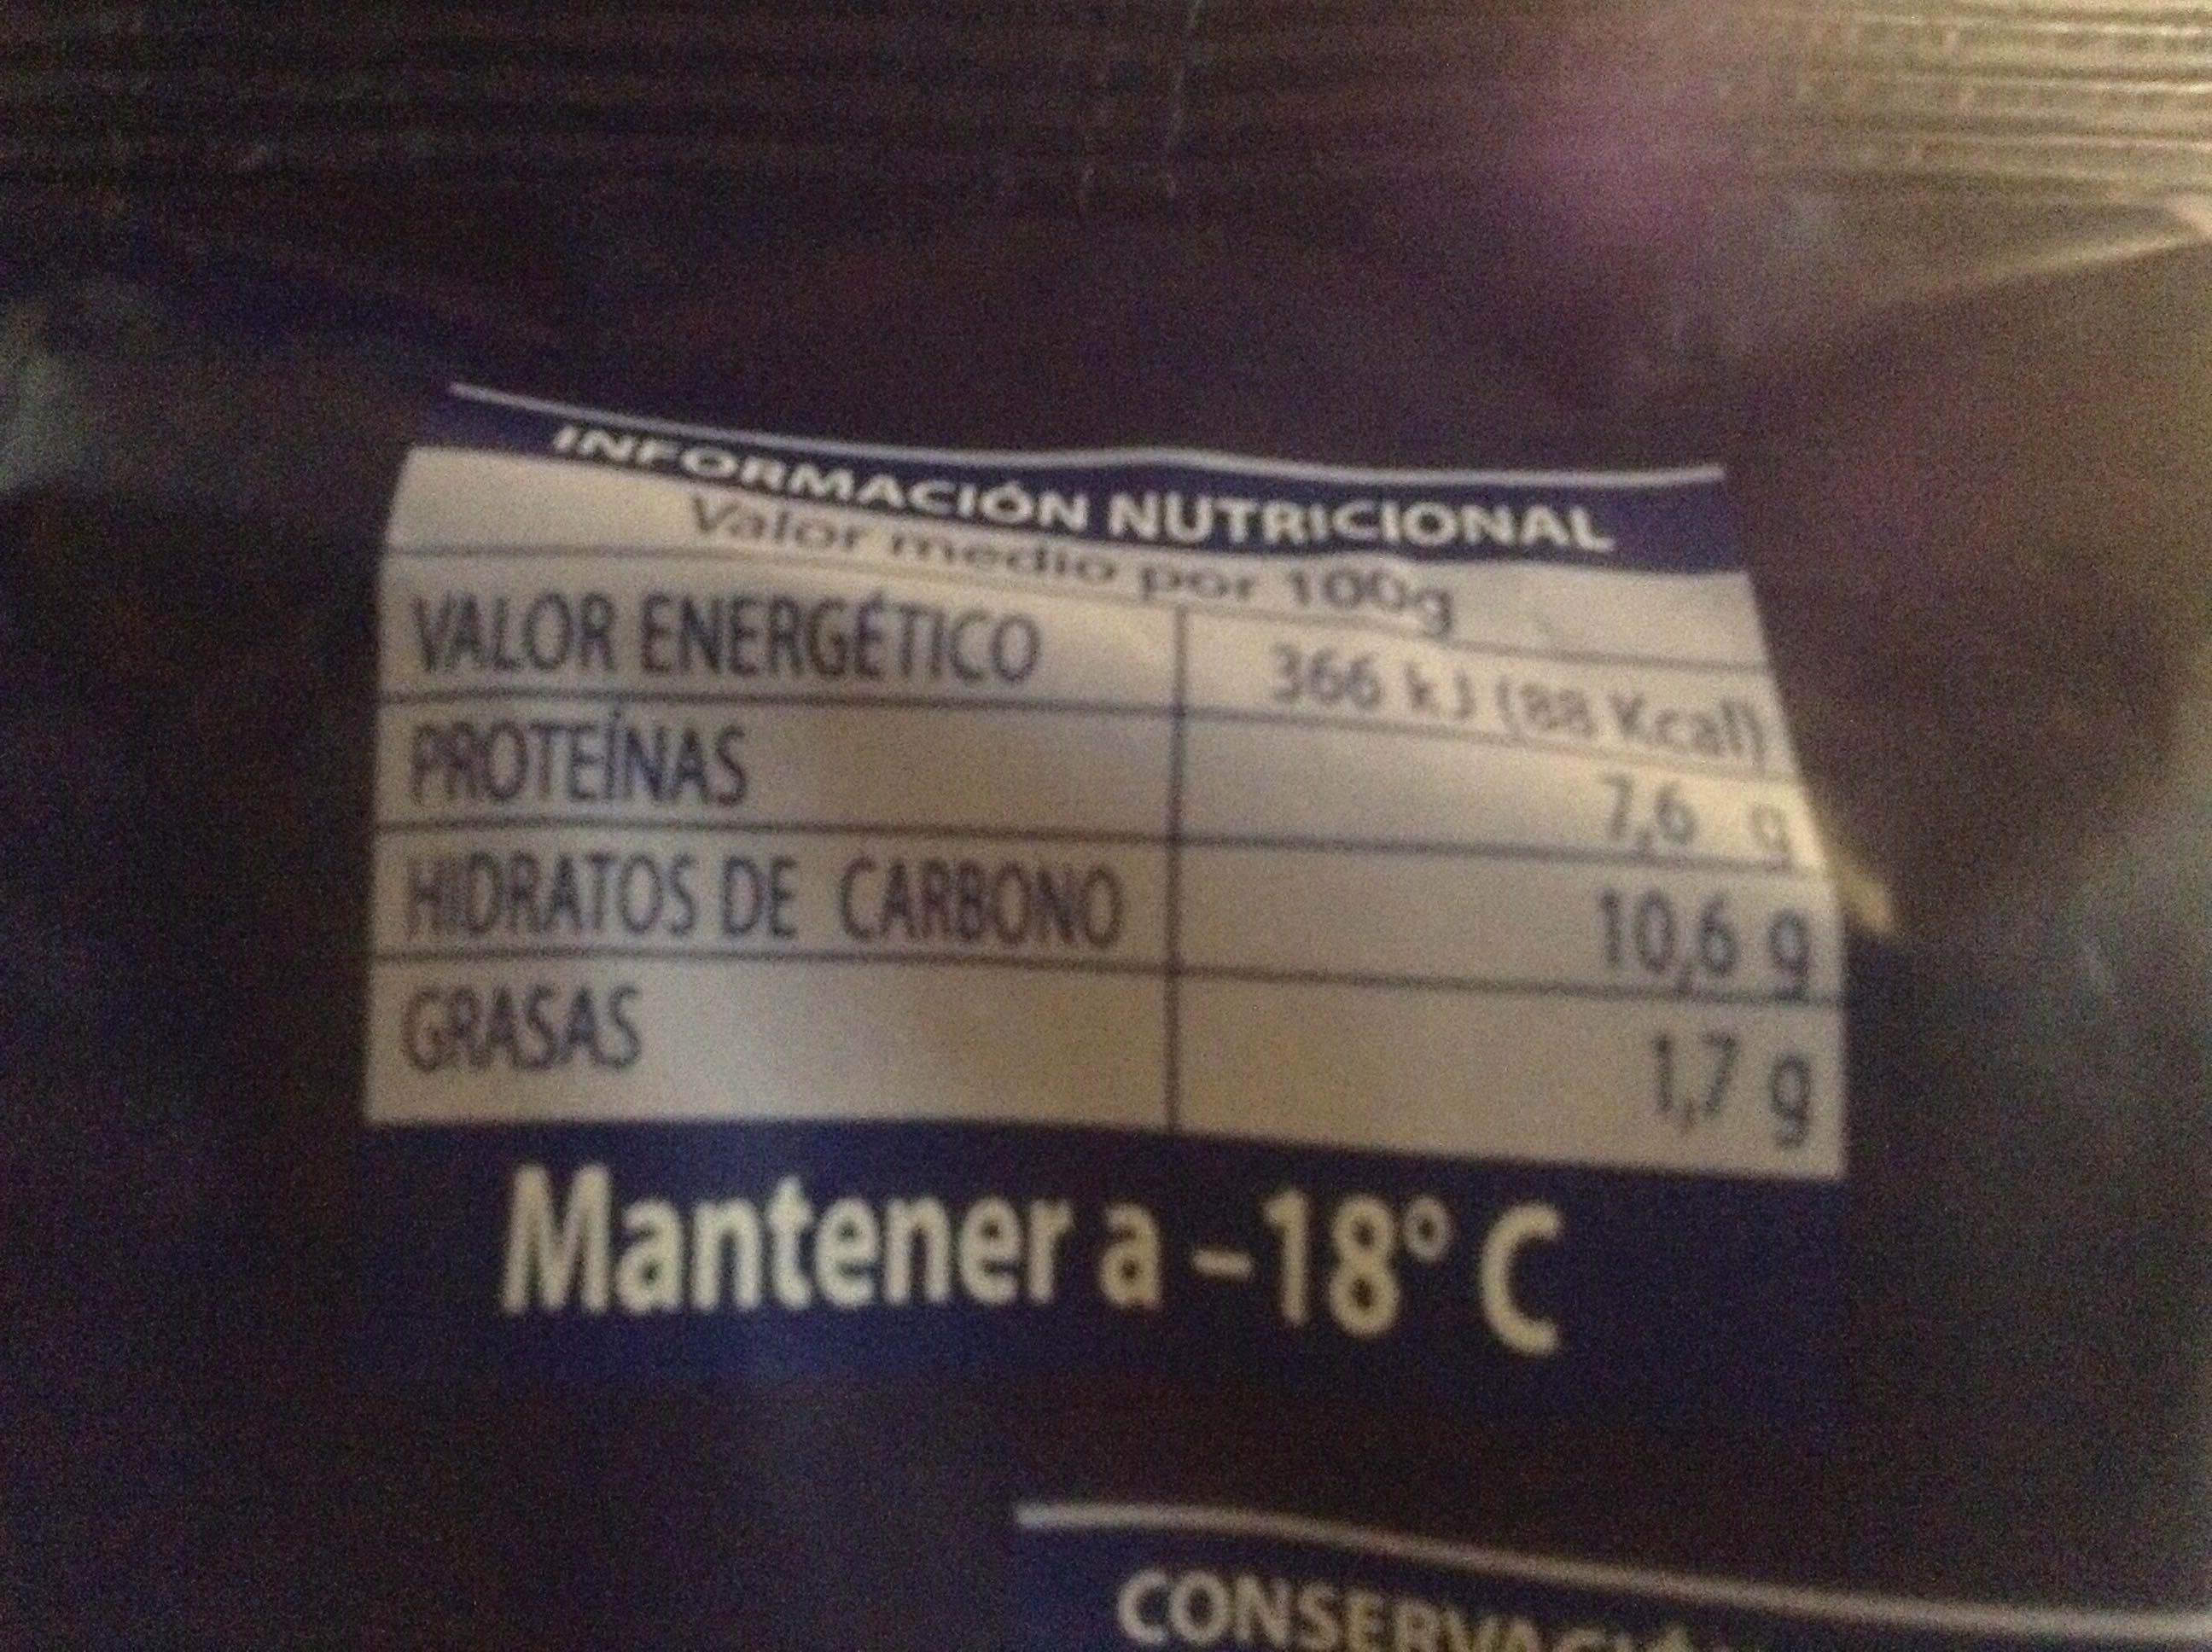 Albóndigas de bacalao - Información nutricional - es